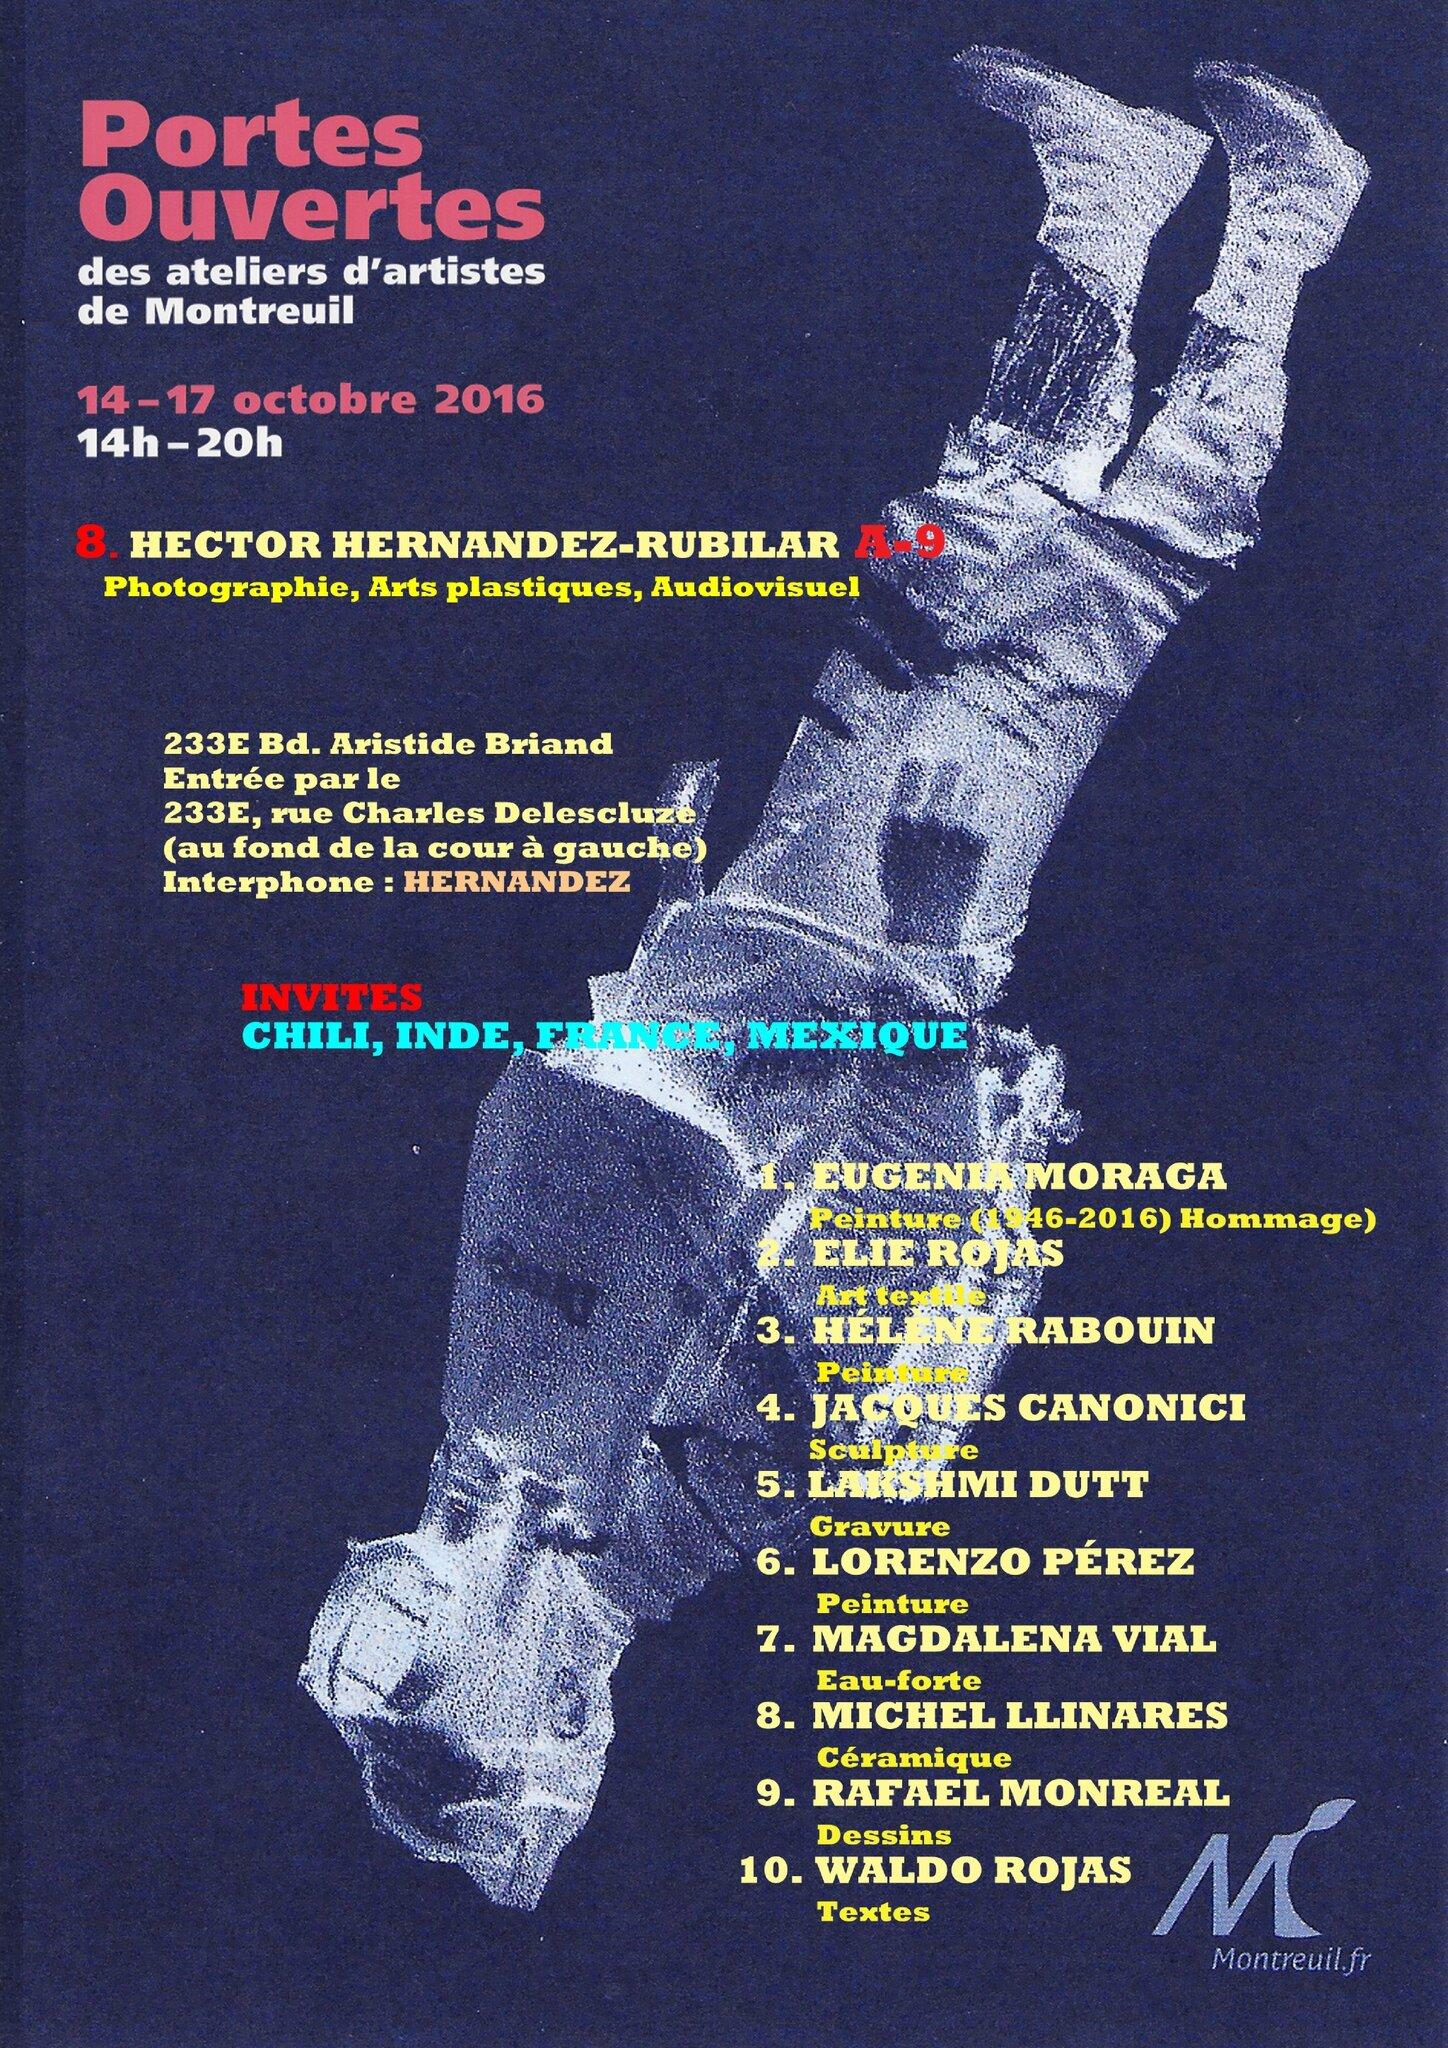 Jacques Canonici - Portes Ouvertes des Ateliers d'Artistes de Montreuil 14 au 17 octobre 2016